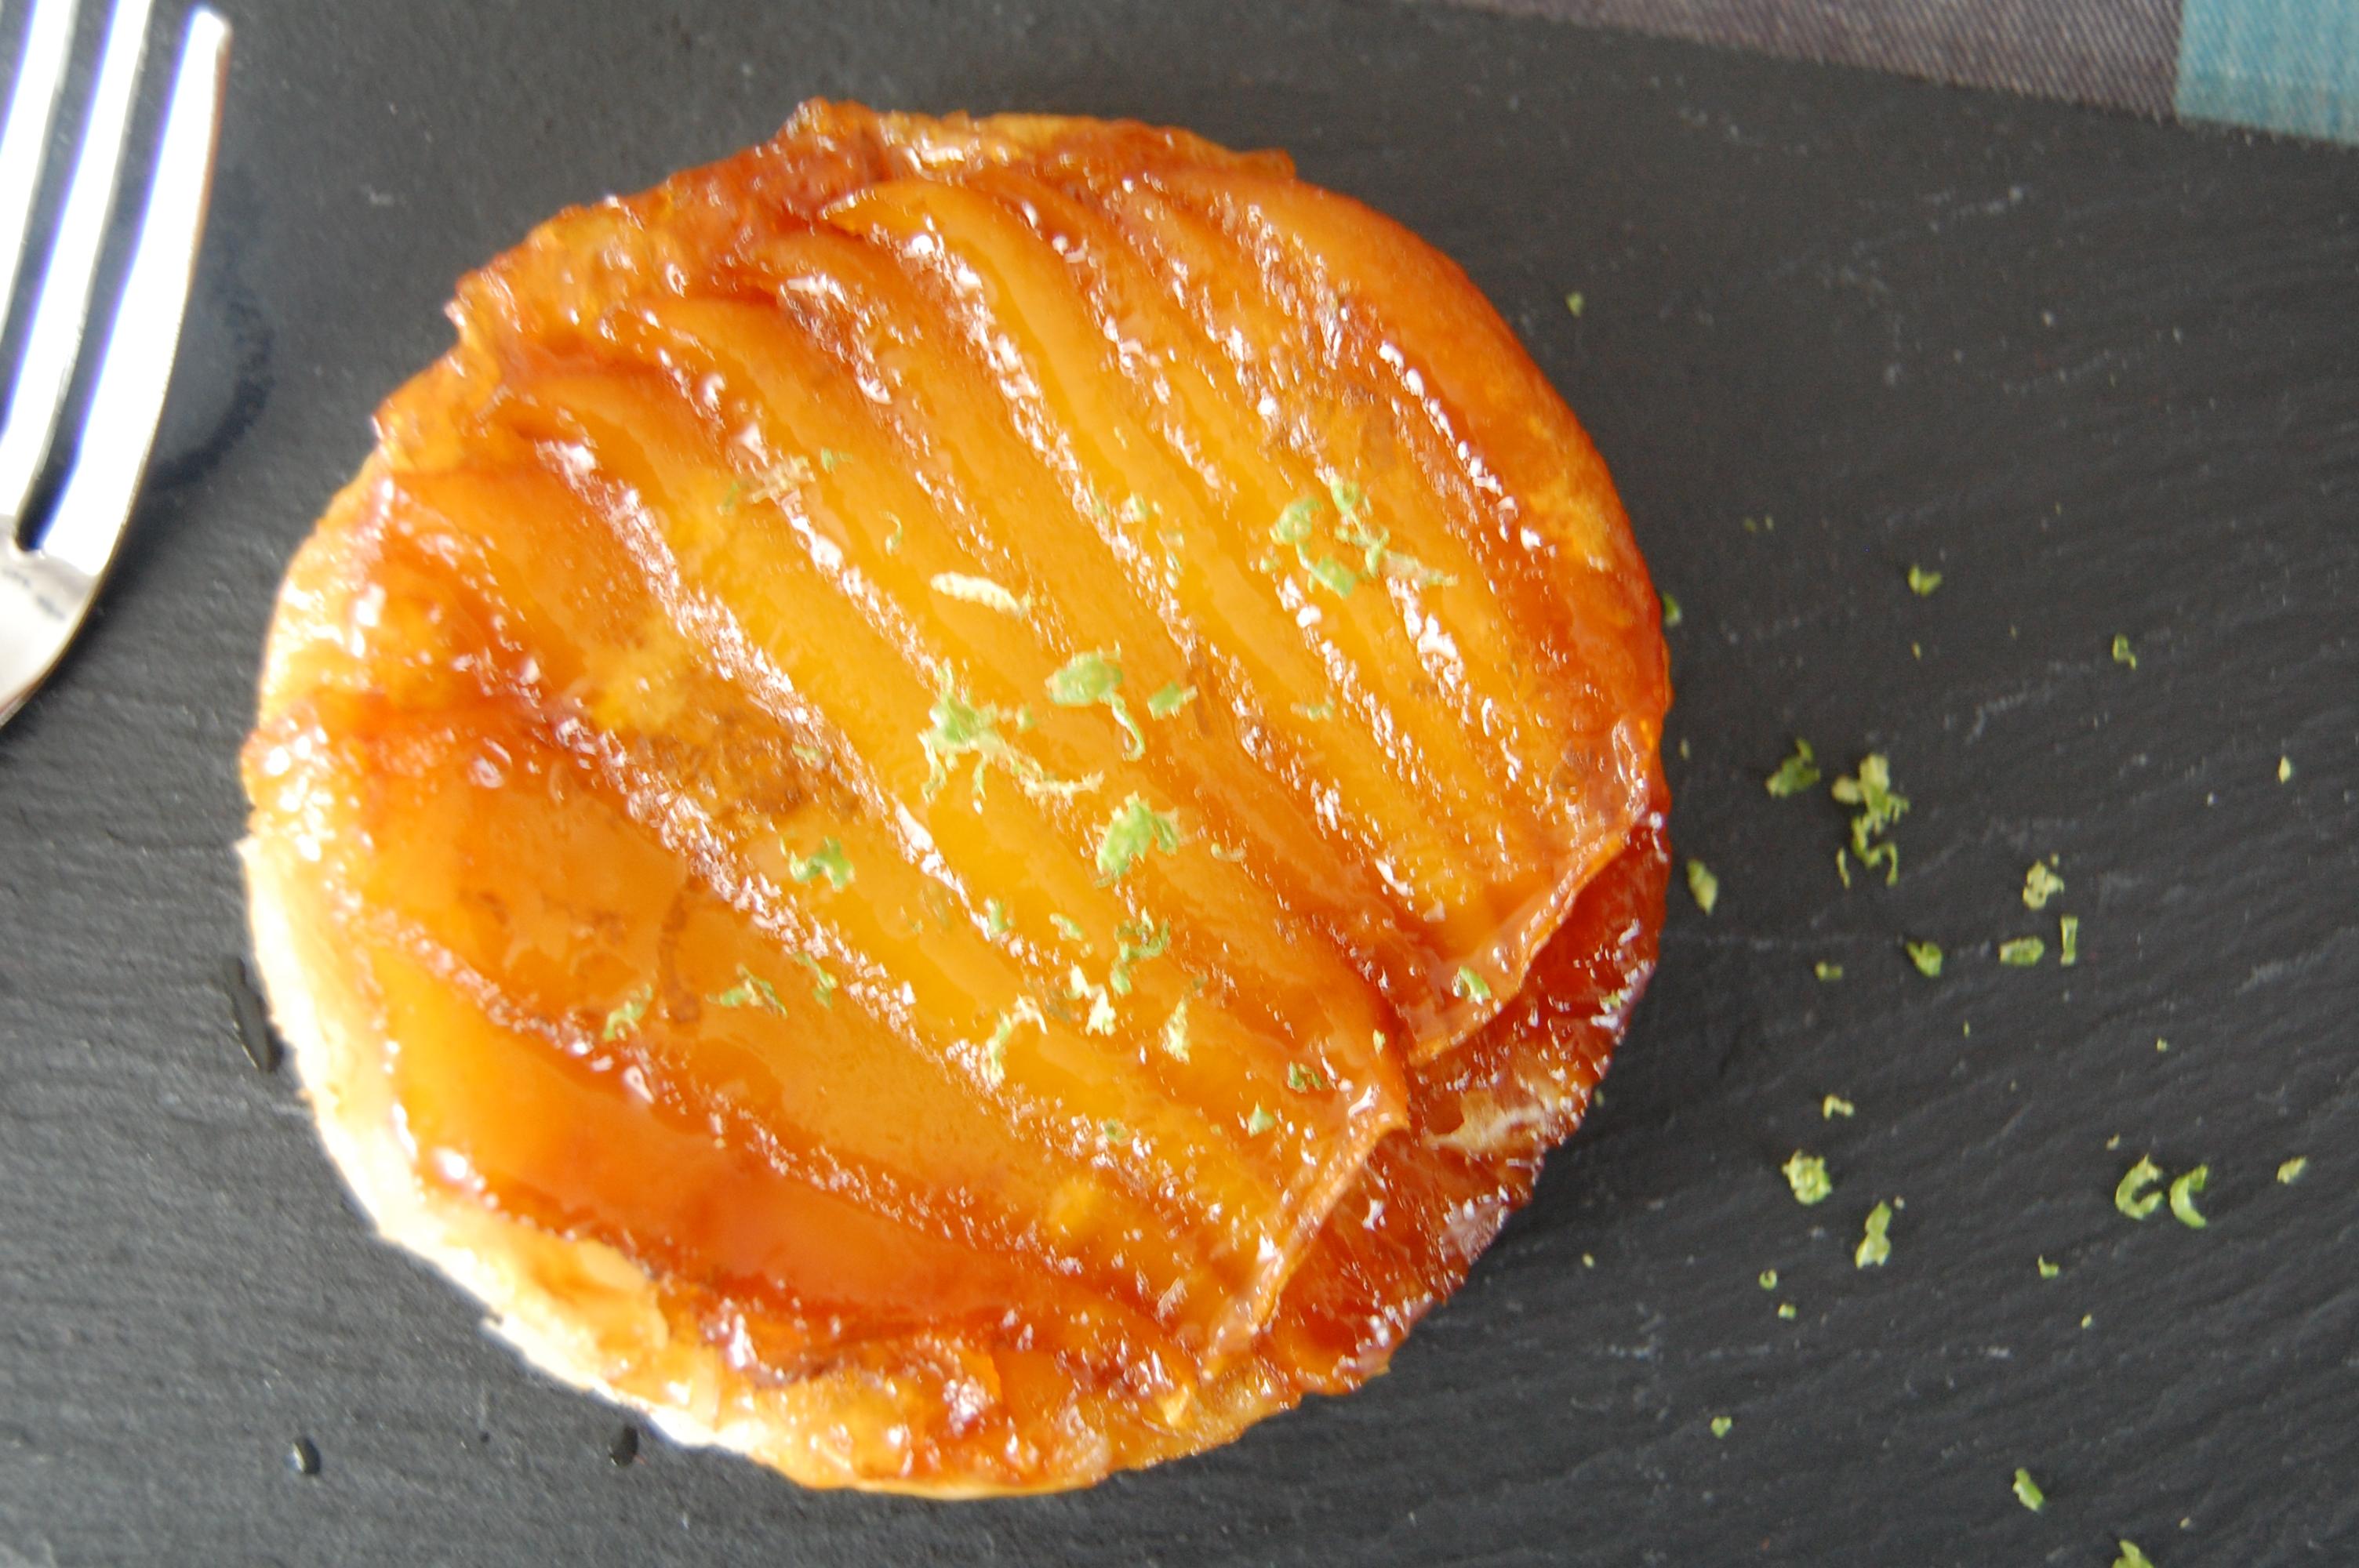 mango s tatin with lime zest tarte tatin a la mangue et citron vert amuse bouche. Black Bedroom Furniture Sets. Home Design Ideas